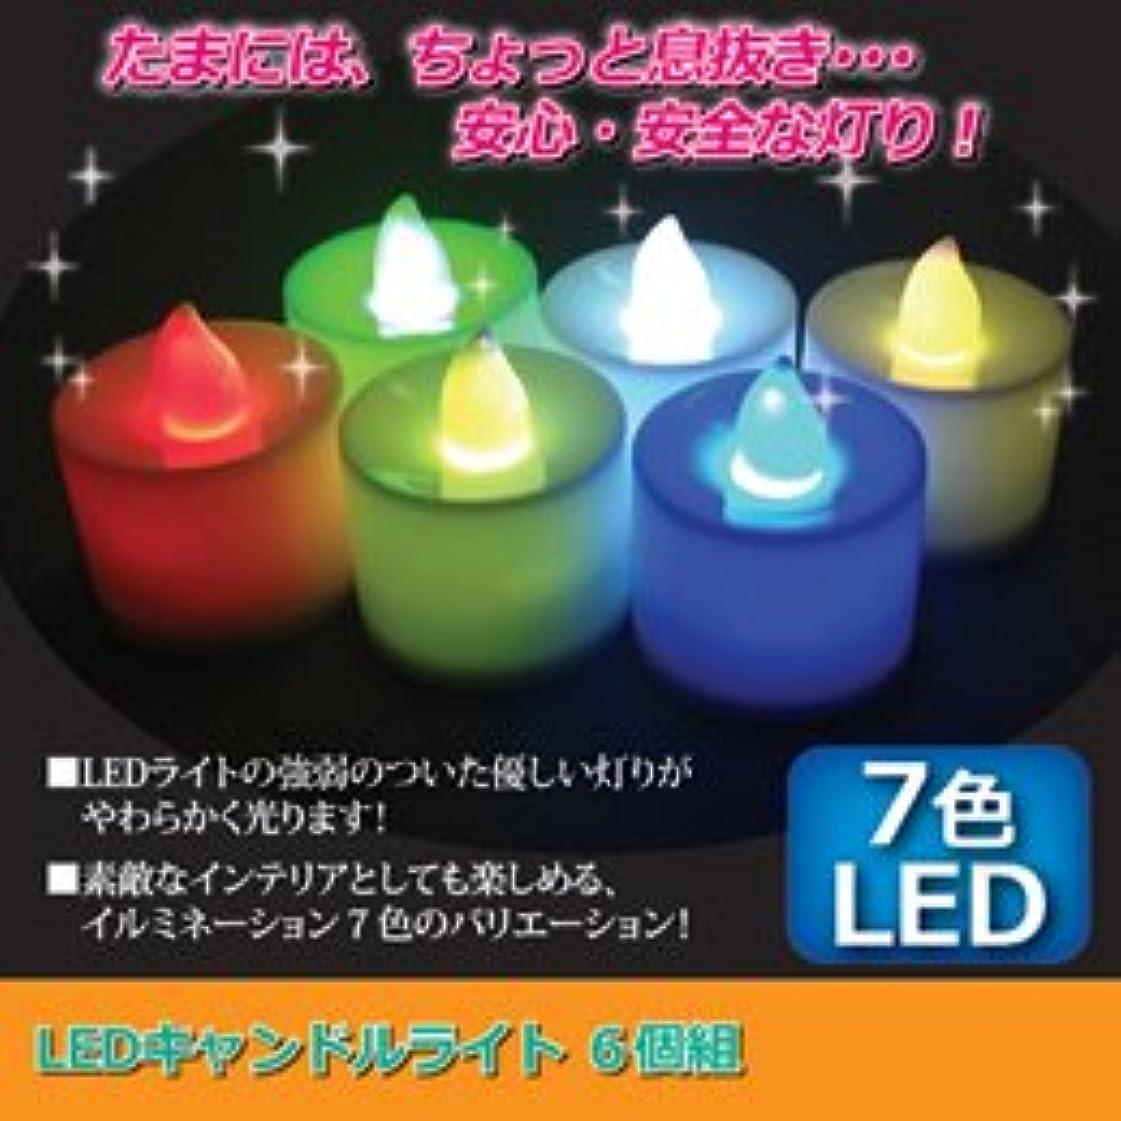 コマース悲しみくびれたW.A.W LEDキャンドルライト(6個組) 810986